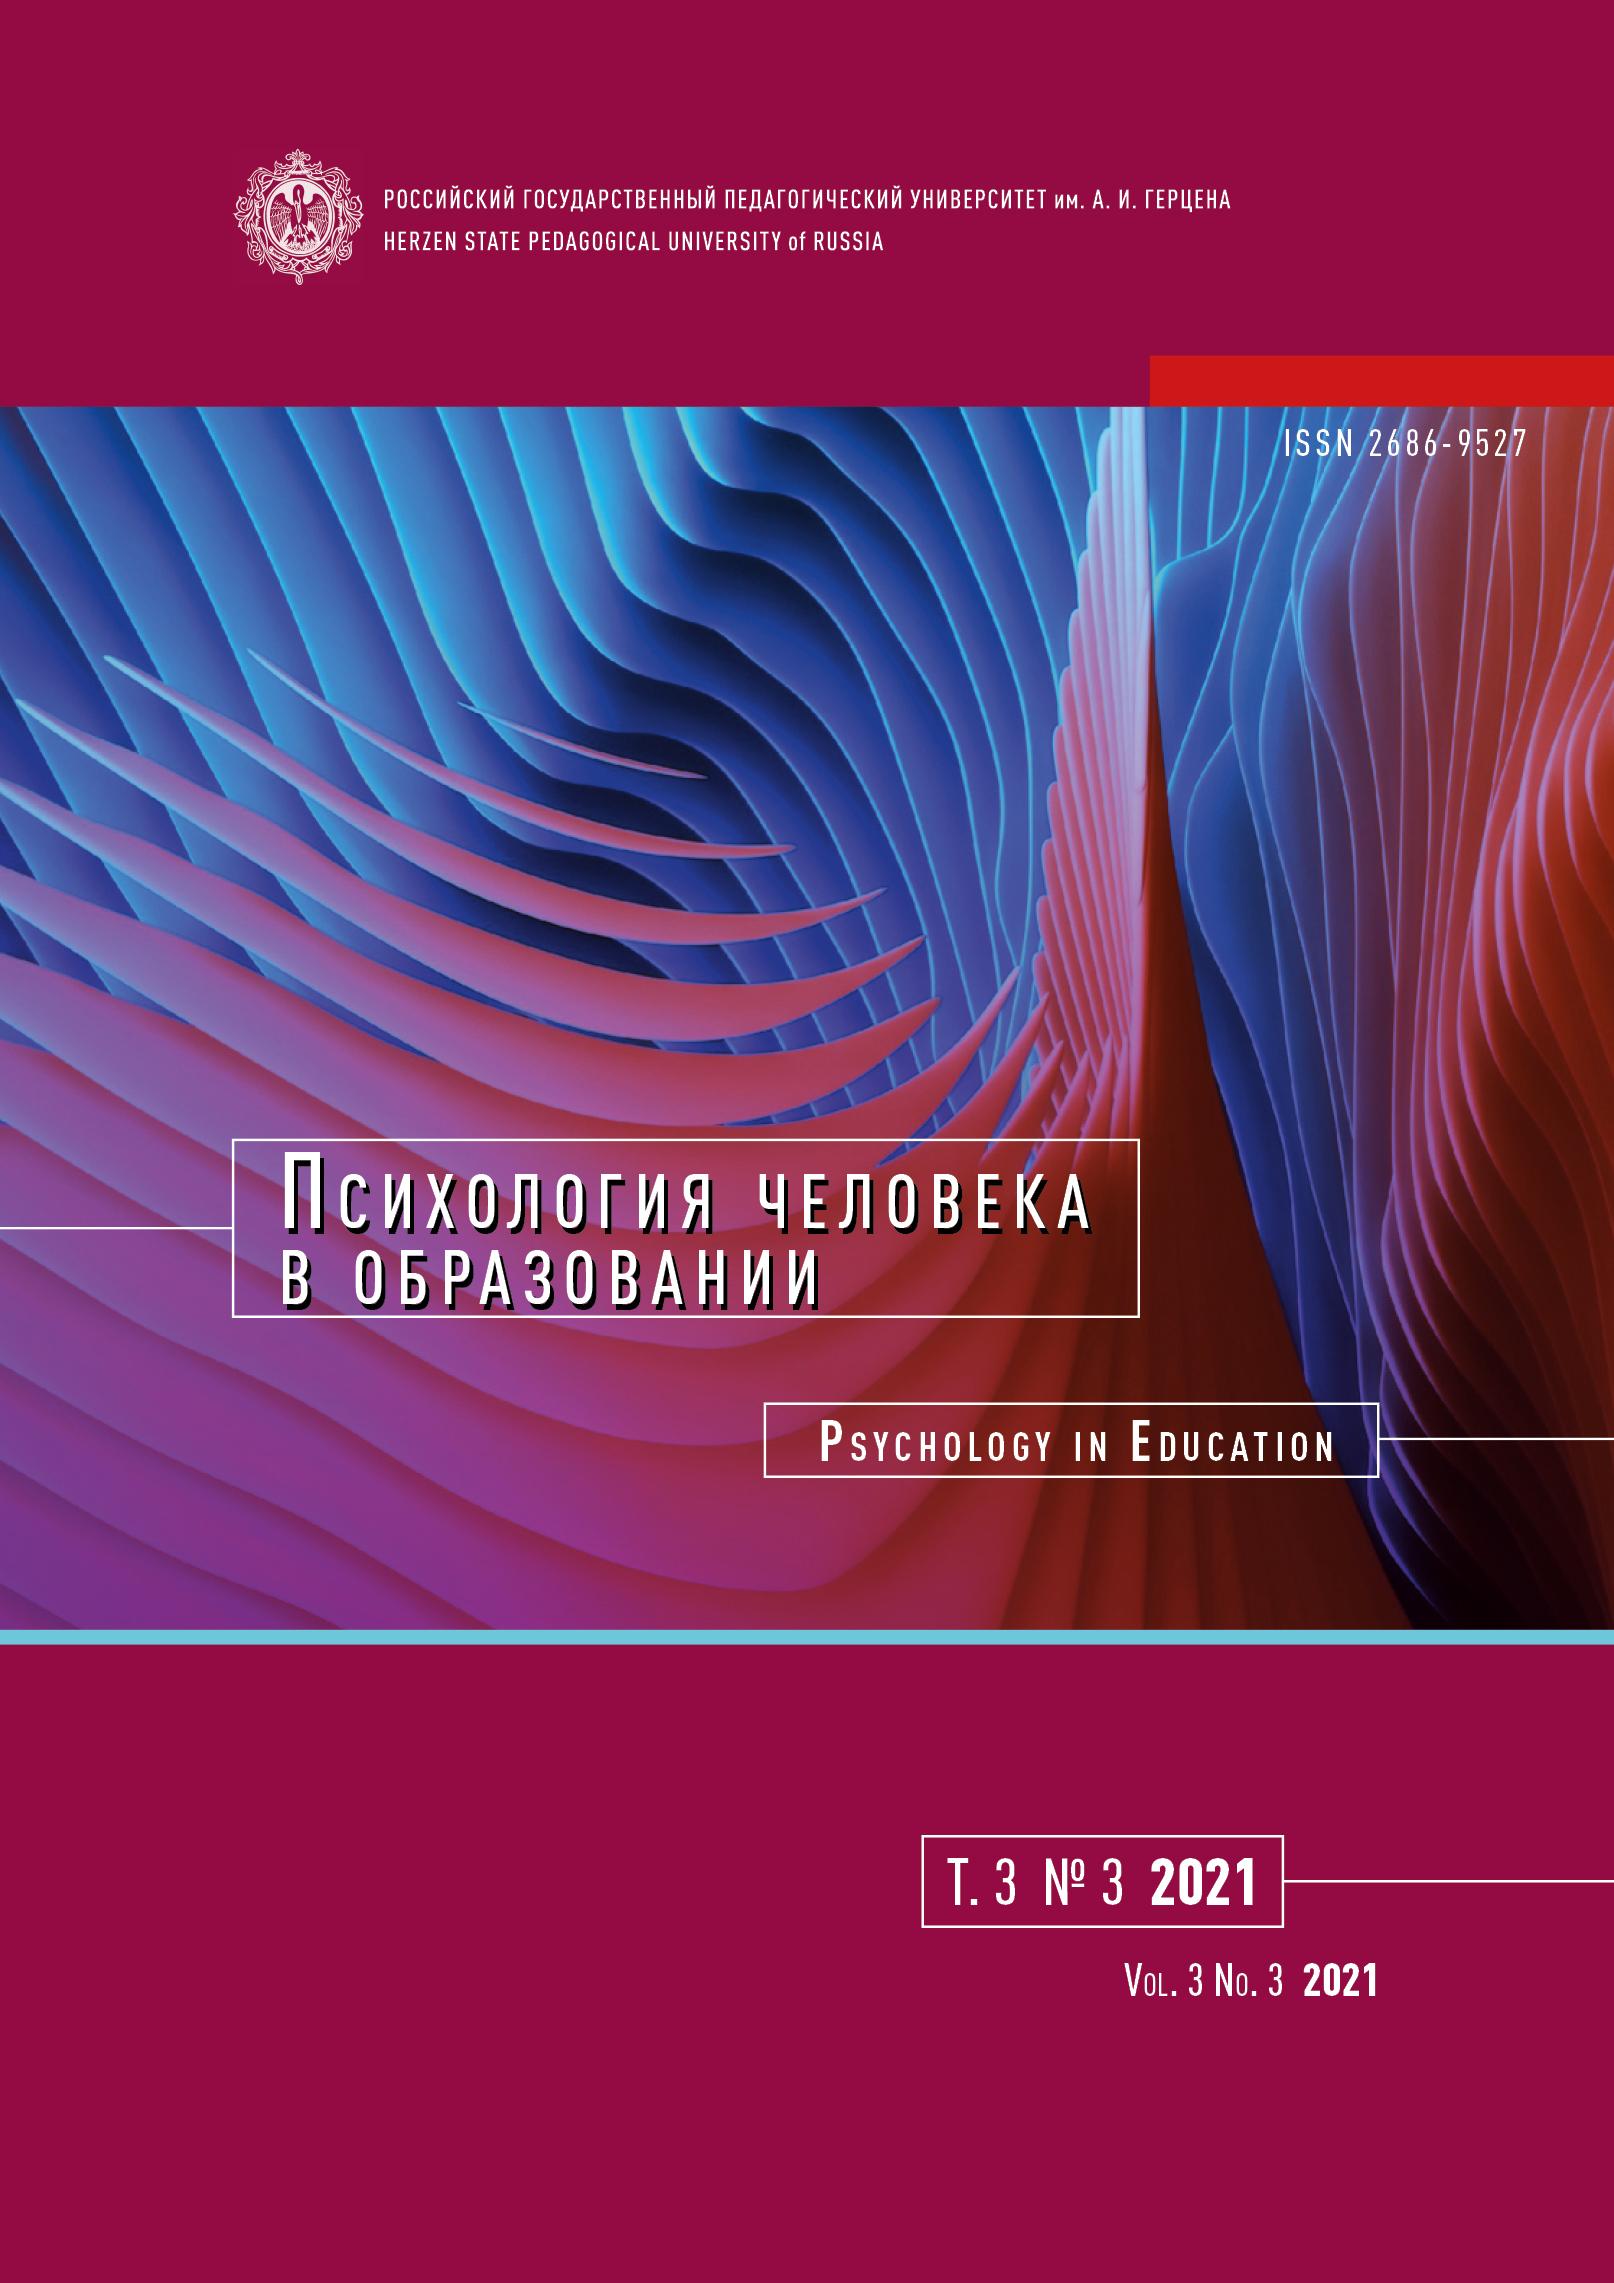 """Обложка журнала """"Психология человека в образовании"""" (т. 3, № 3)"""